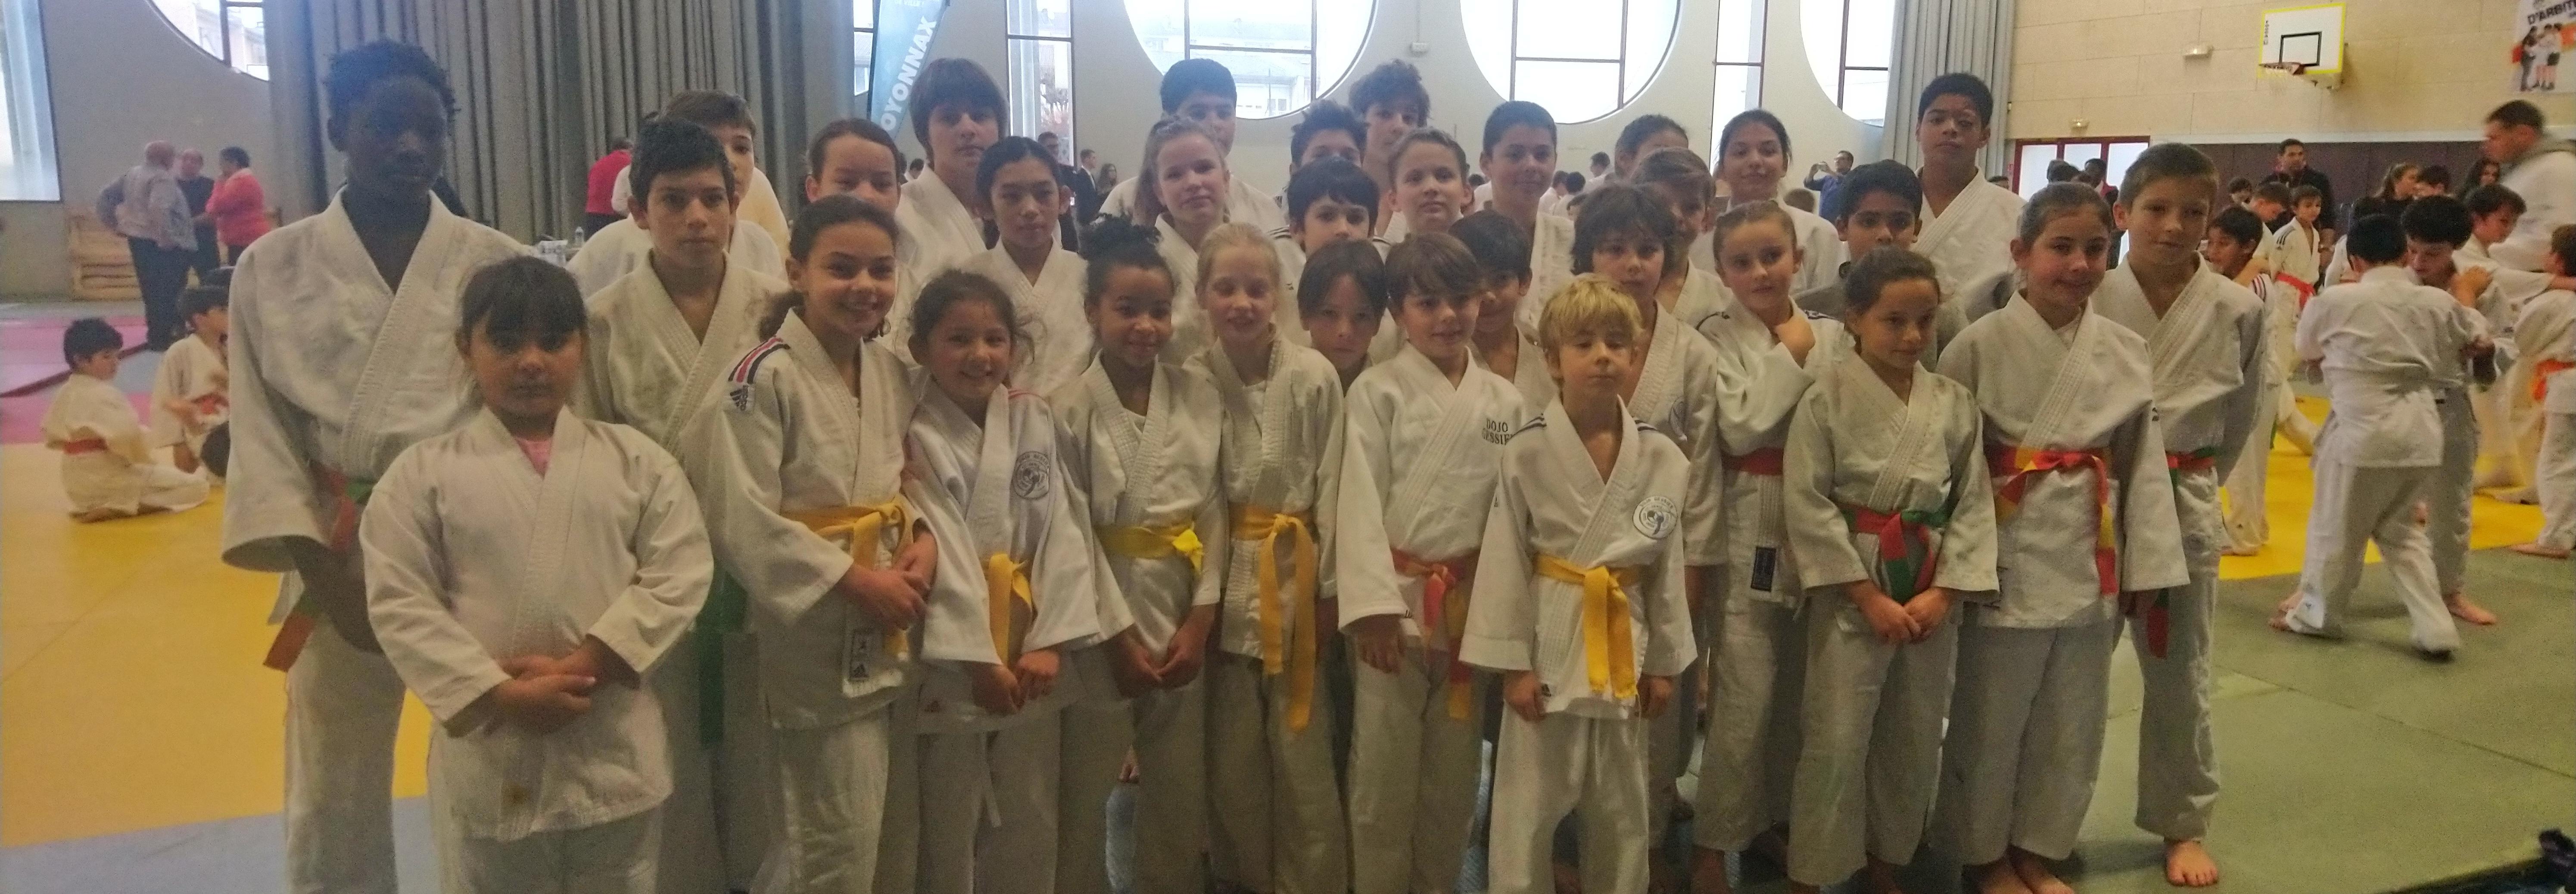 Divonne Judo   Club de Judo de Divonne-les-Bains pour enfants et ... f94da91c4ea